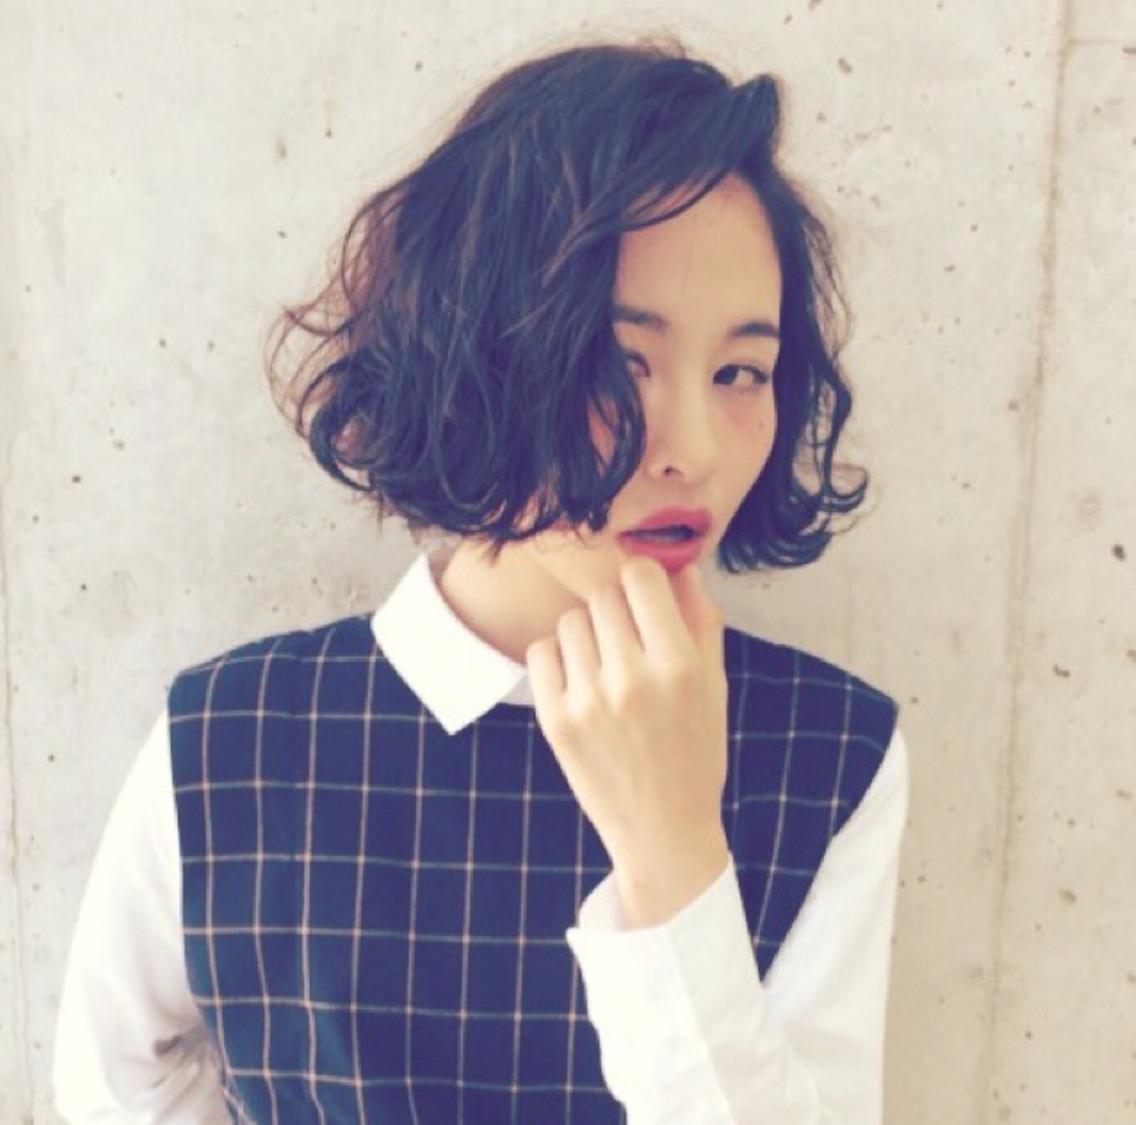 *新宿*技術向上のためモデルさん募集しています‼︎なりたいオーダーに合わせて似合わせヘアで可愛くします♡